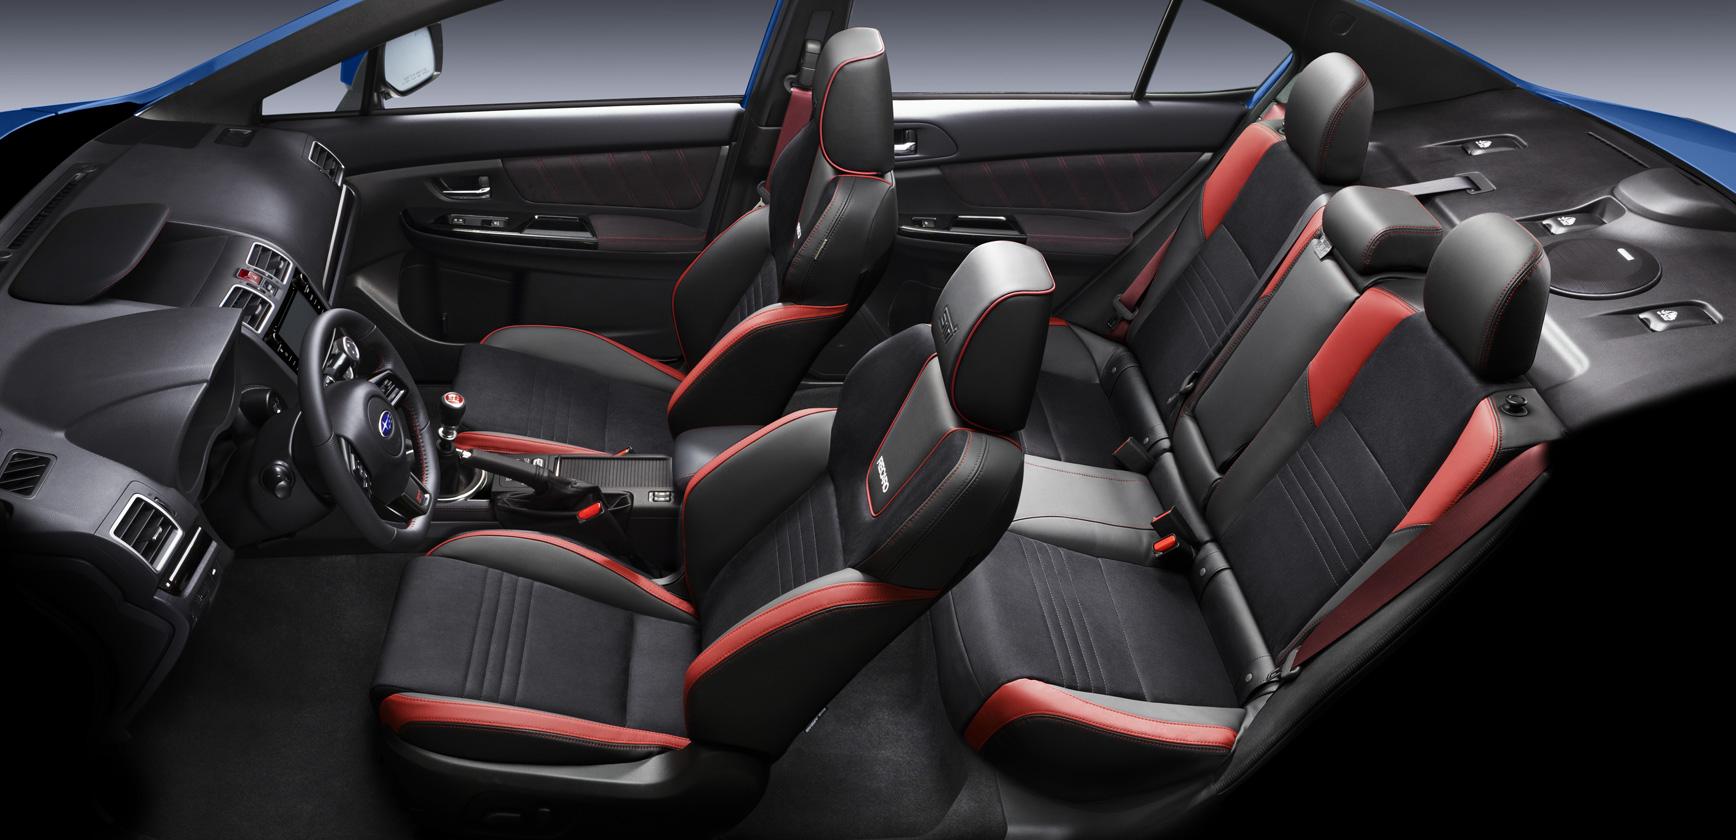 Subaru WRX STI 6-Speed Manual